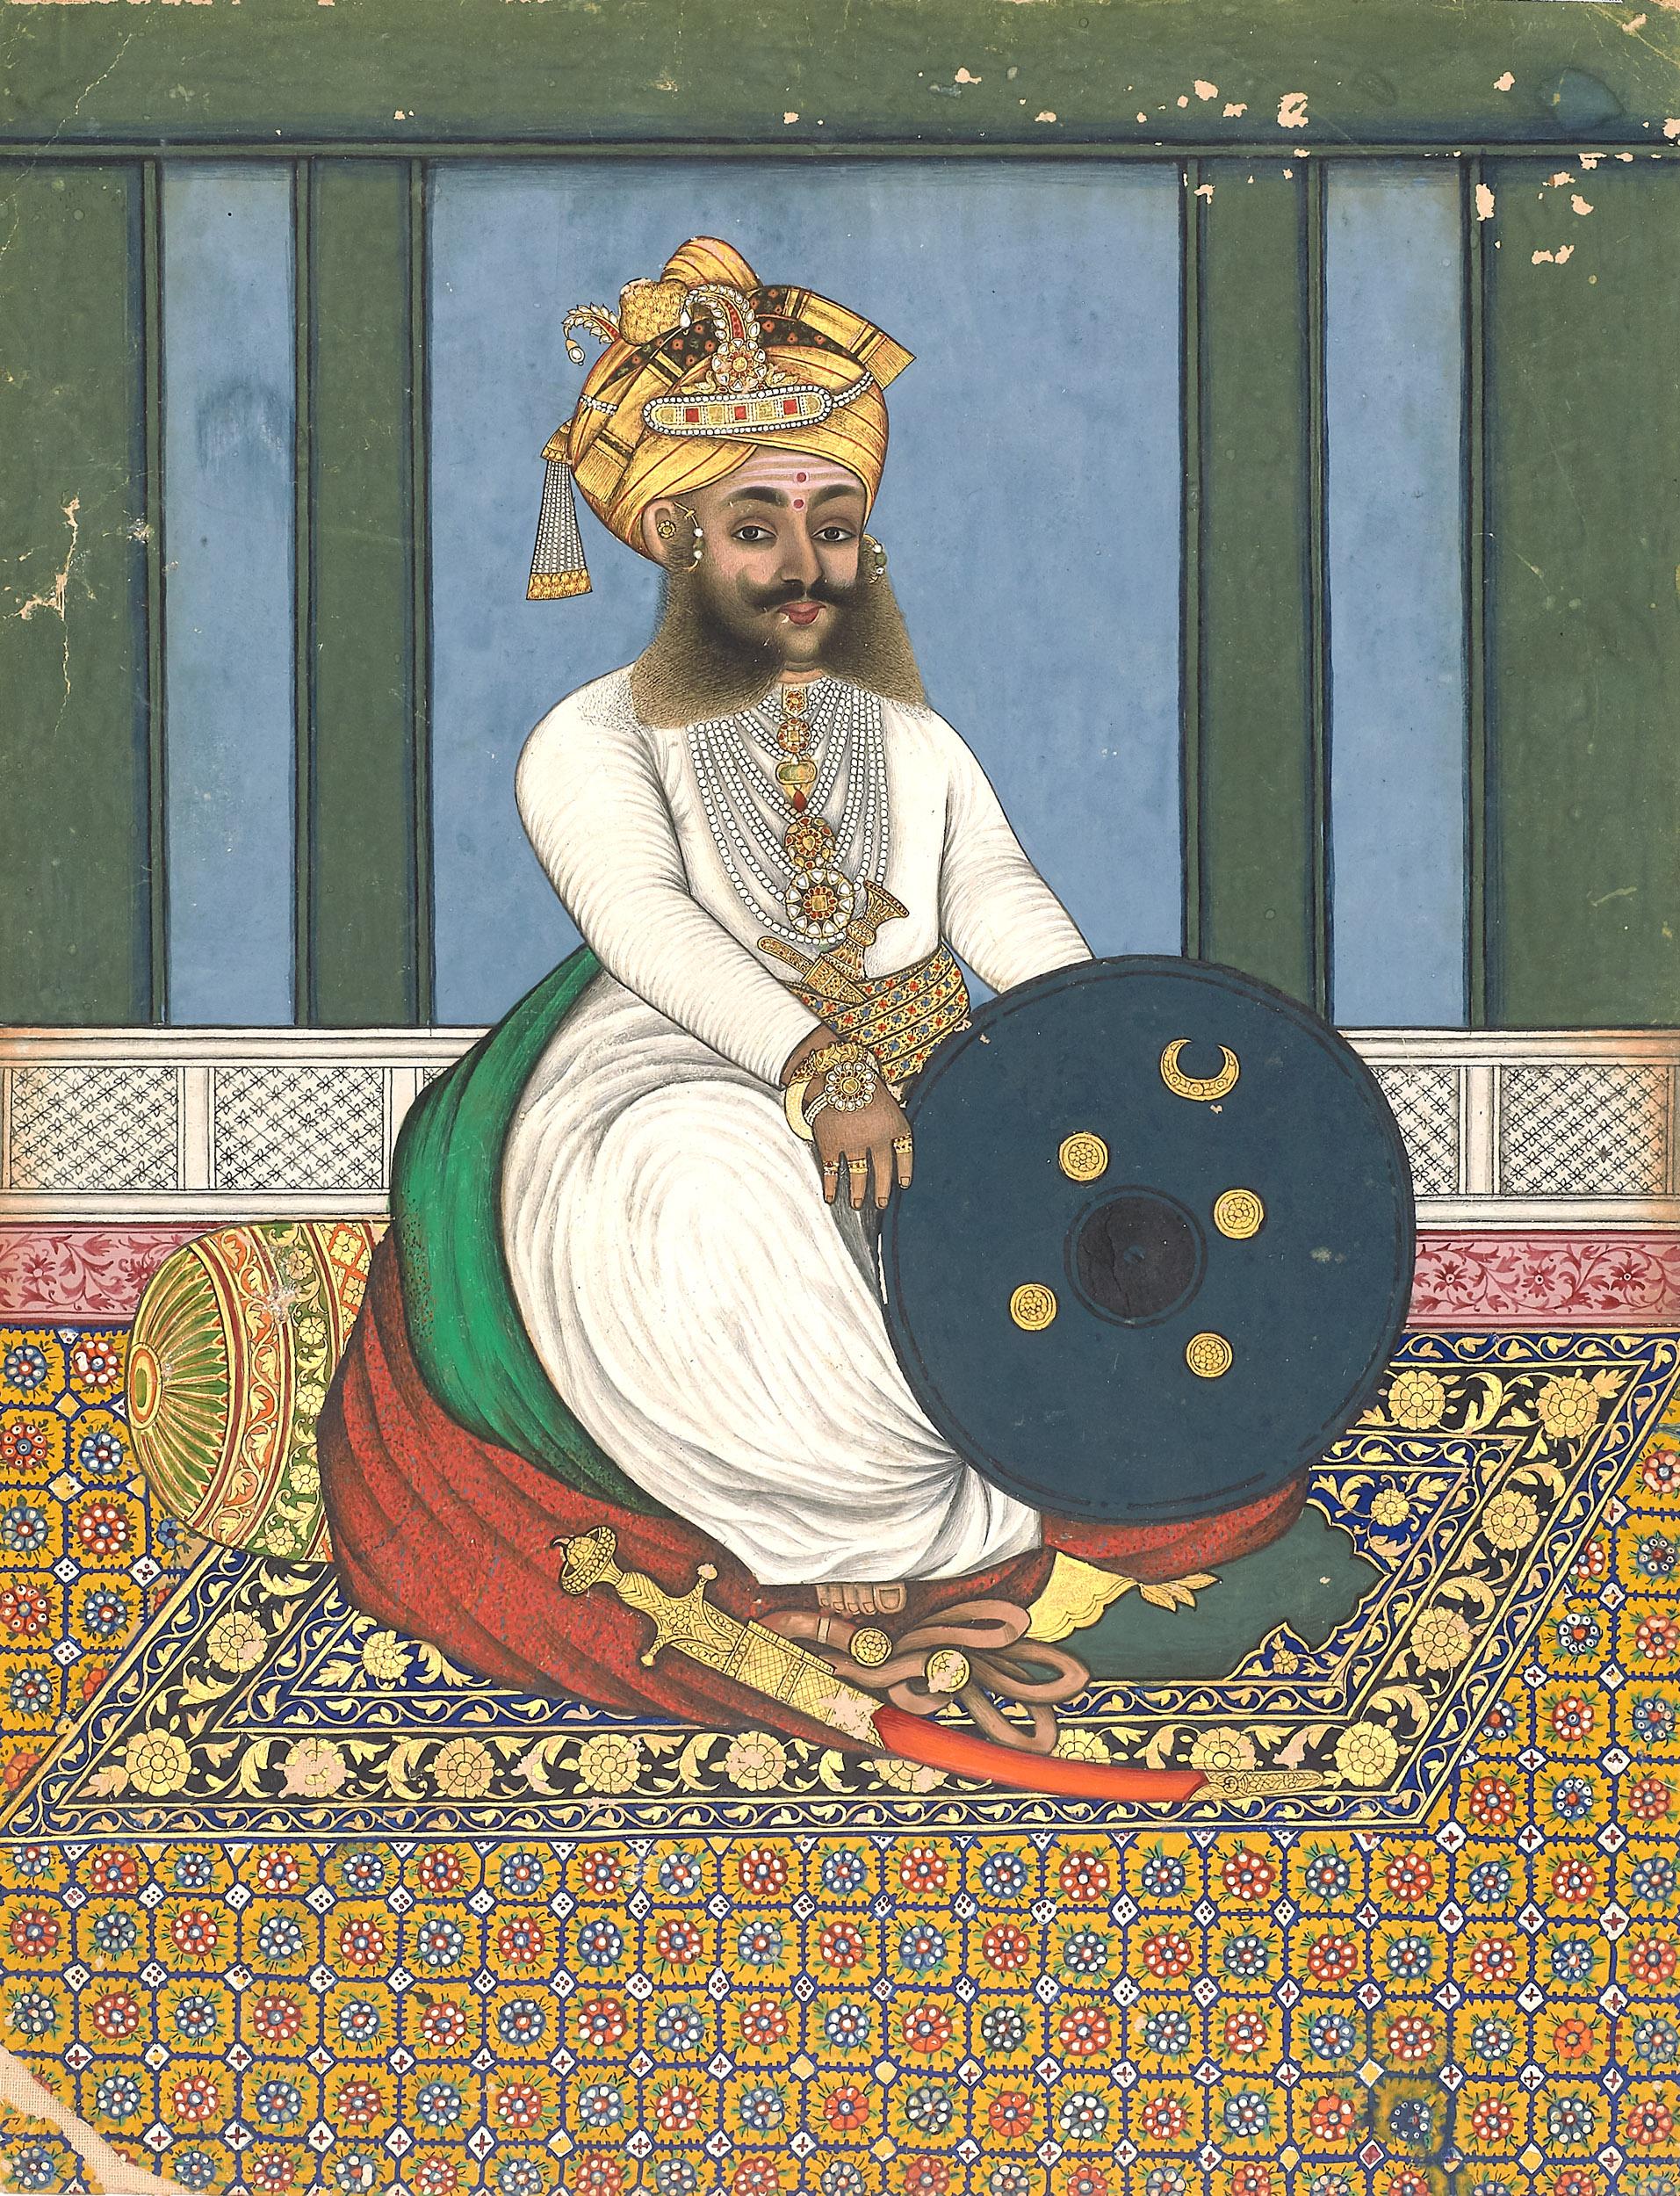 Rao Desalji II